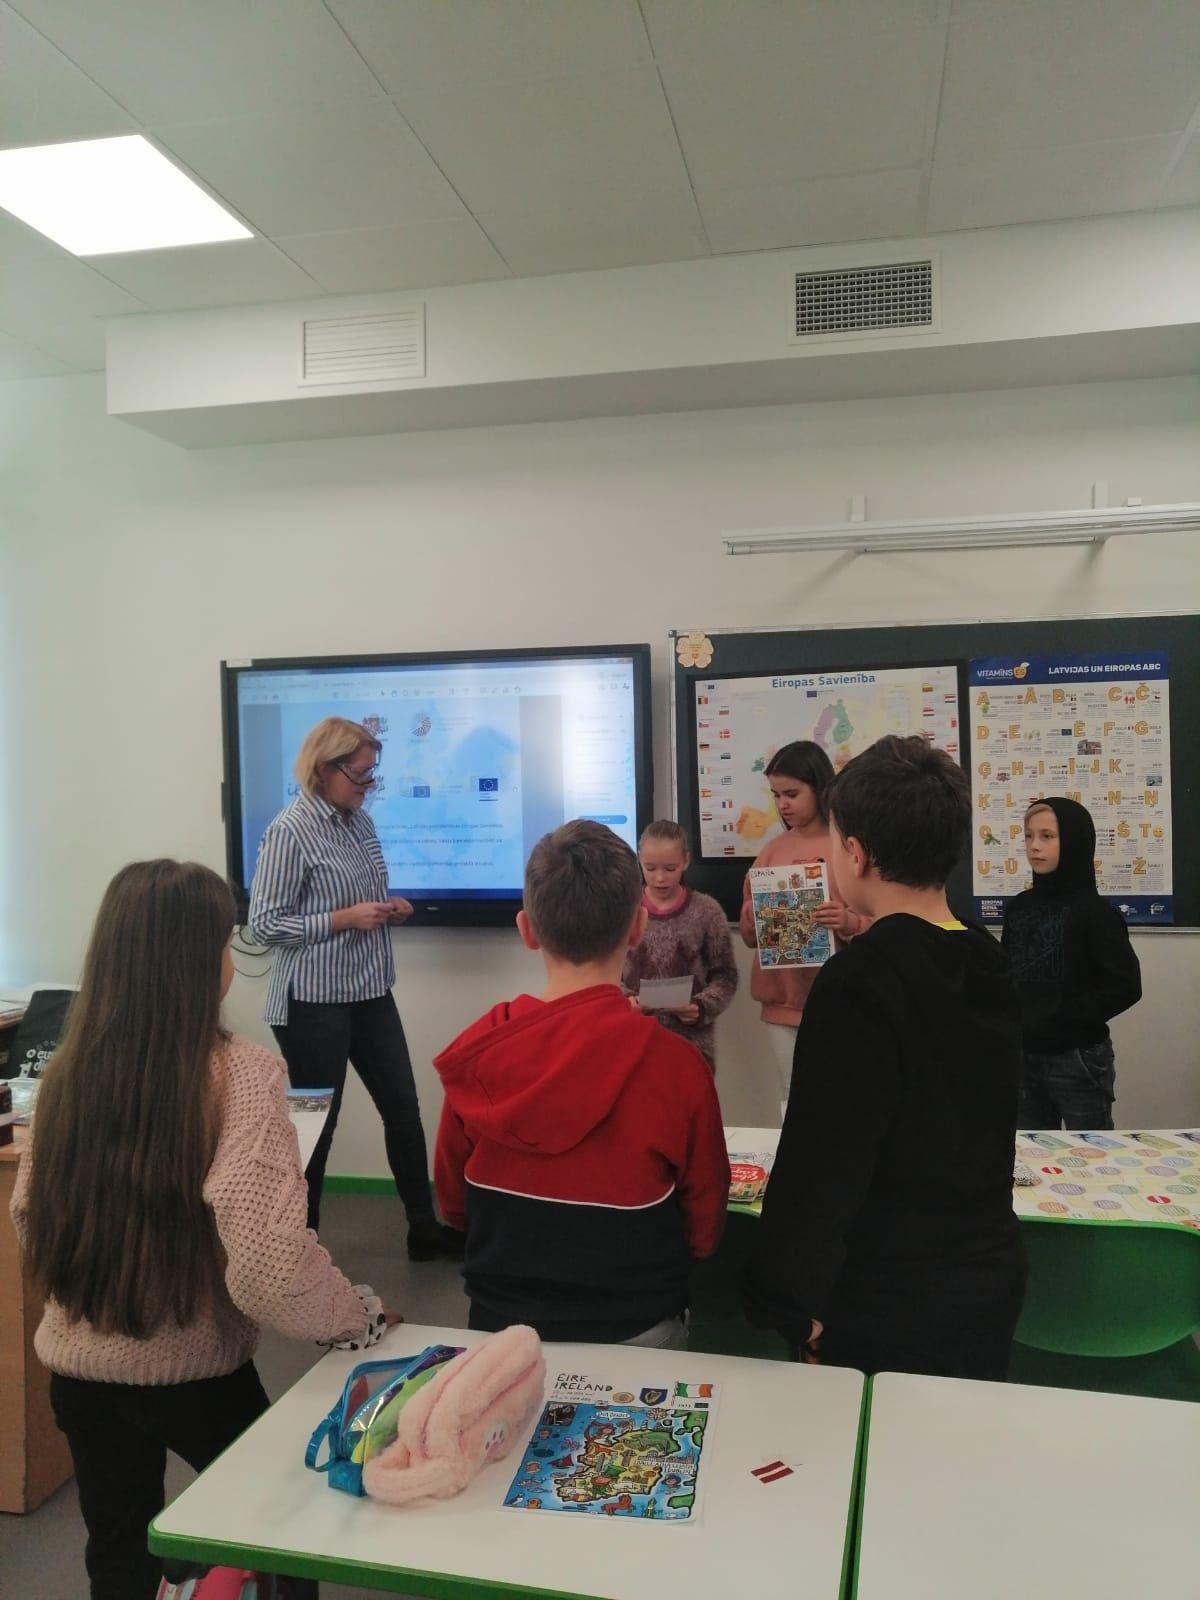 Diena ar jauko ciemiņu klasē (Gabriela Kostigova, 4.u klases skolniece)